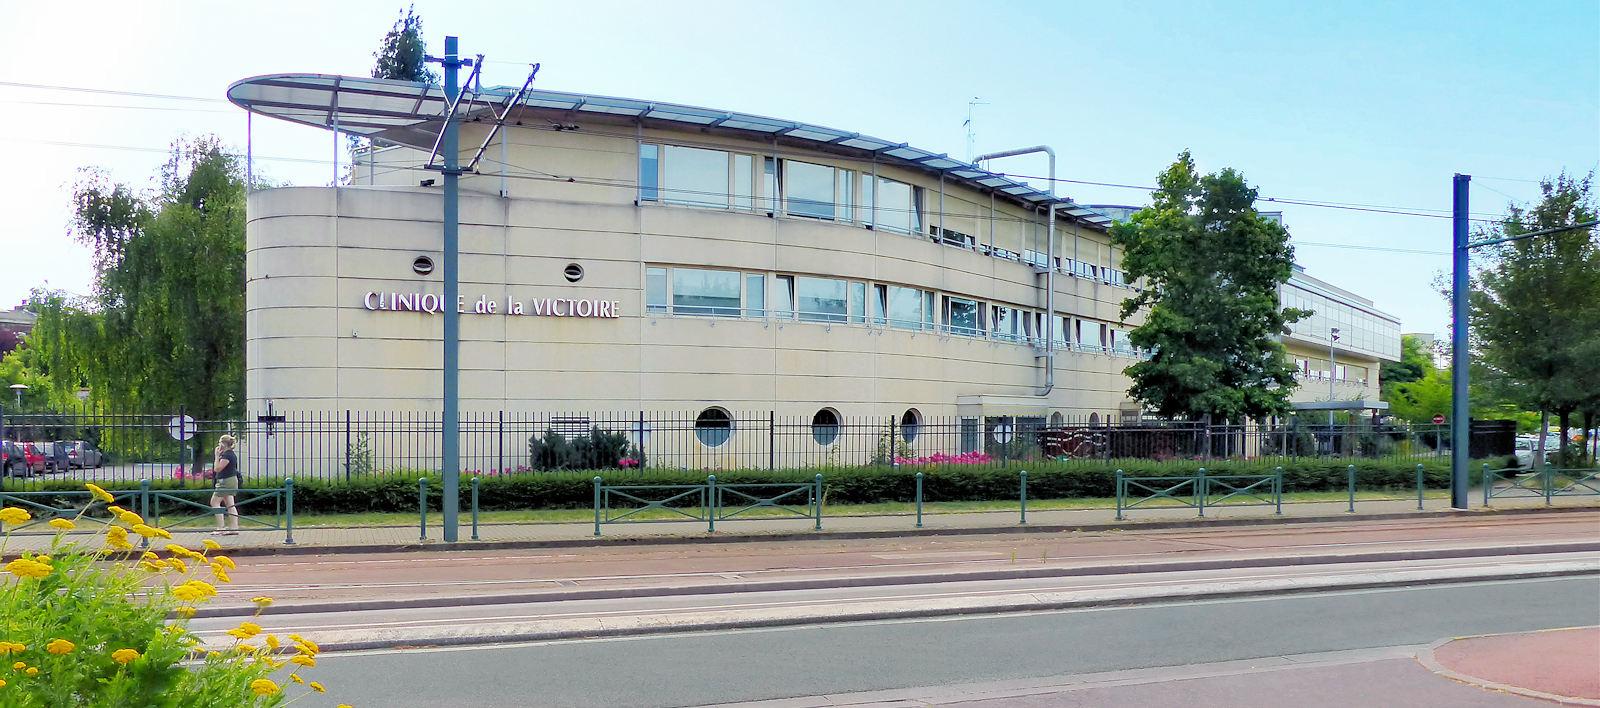 Clinique de la victoire - Tourcoing